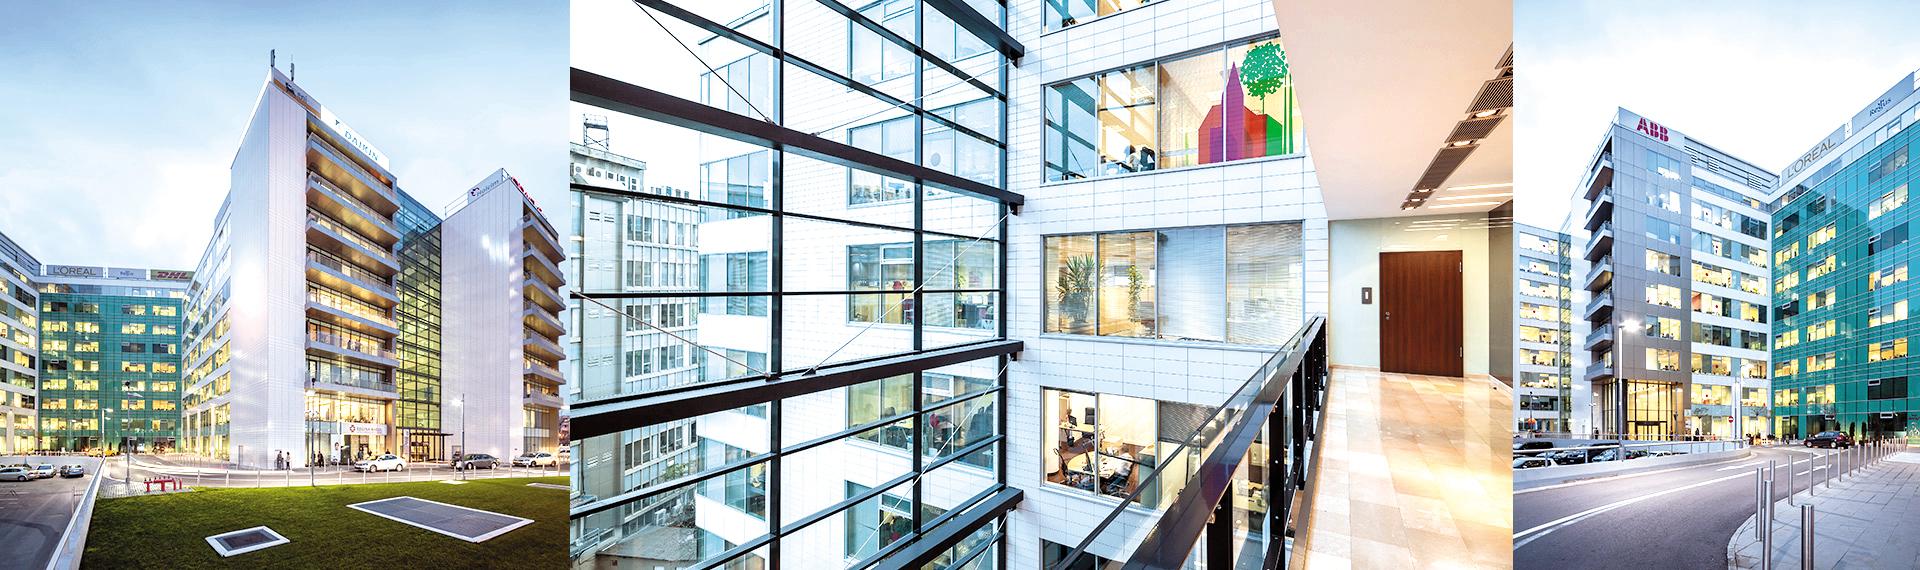 Piața de investiții imobiliare a crescut cu 37% anul trecut, dar ar putea înregistra o scădere în 2021 pe fondul incertitudinilor